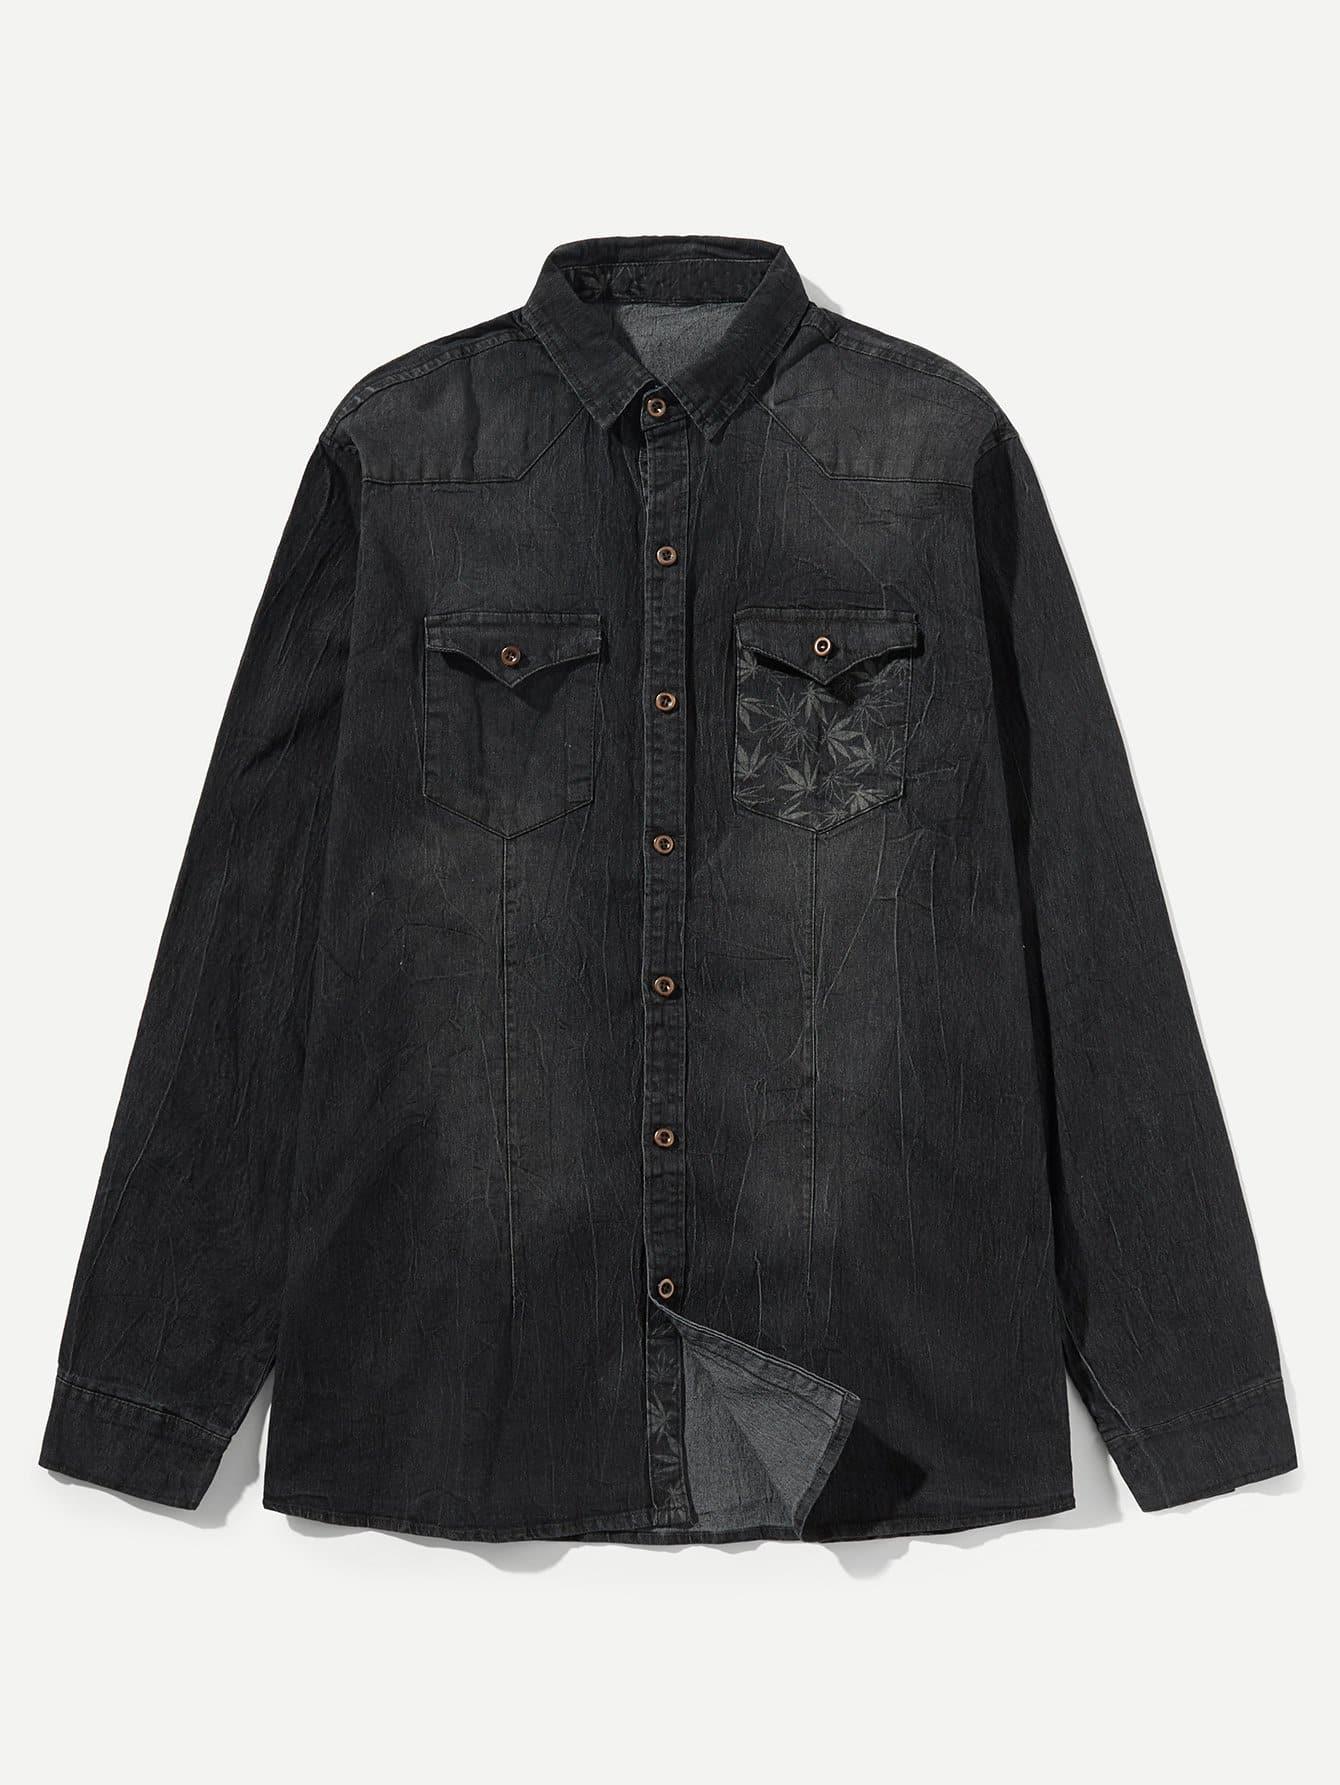 Купить Мужская джинсовая футболка с принтом листьев, null, SheIn